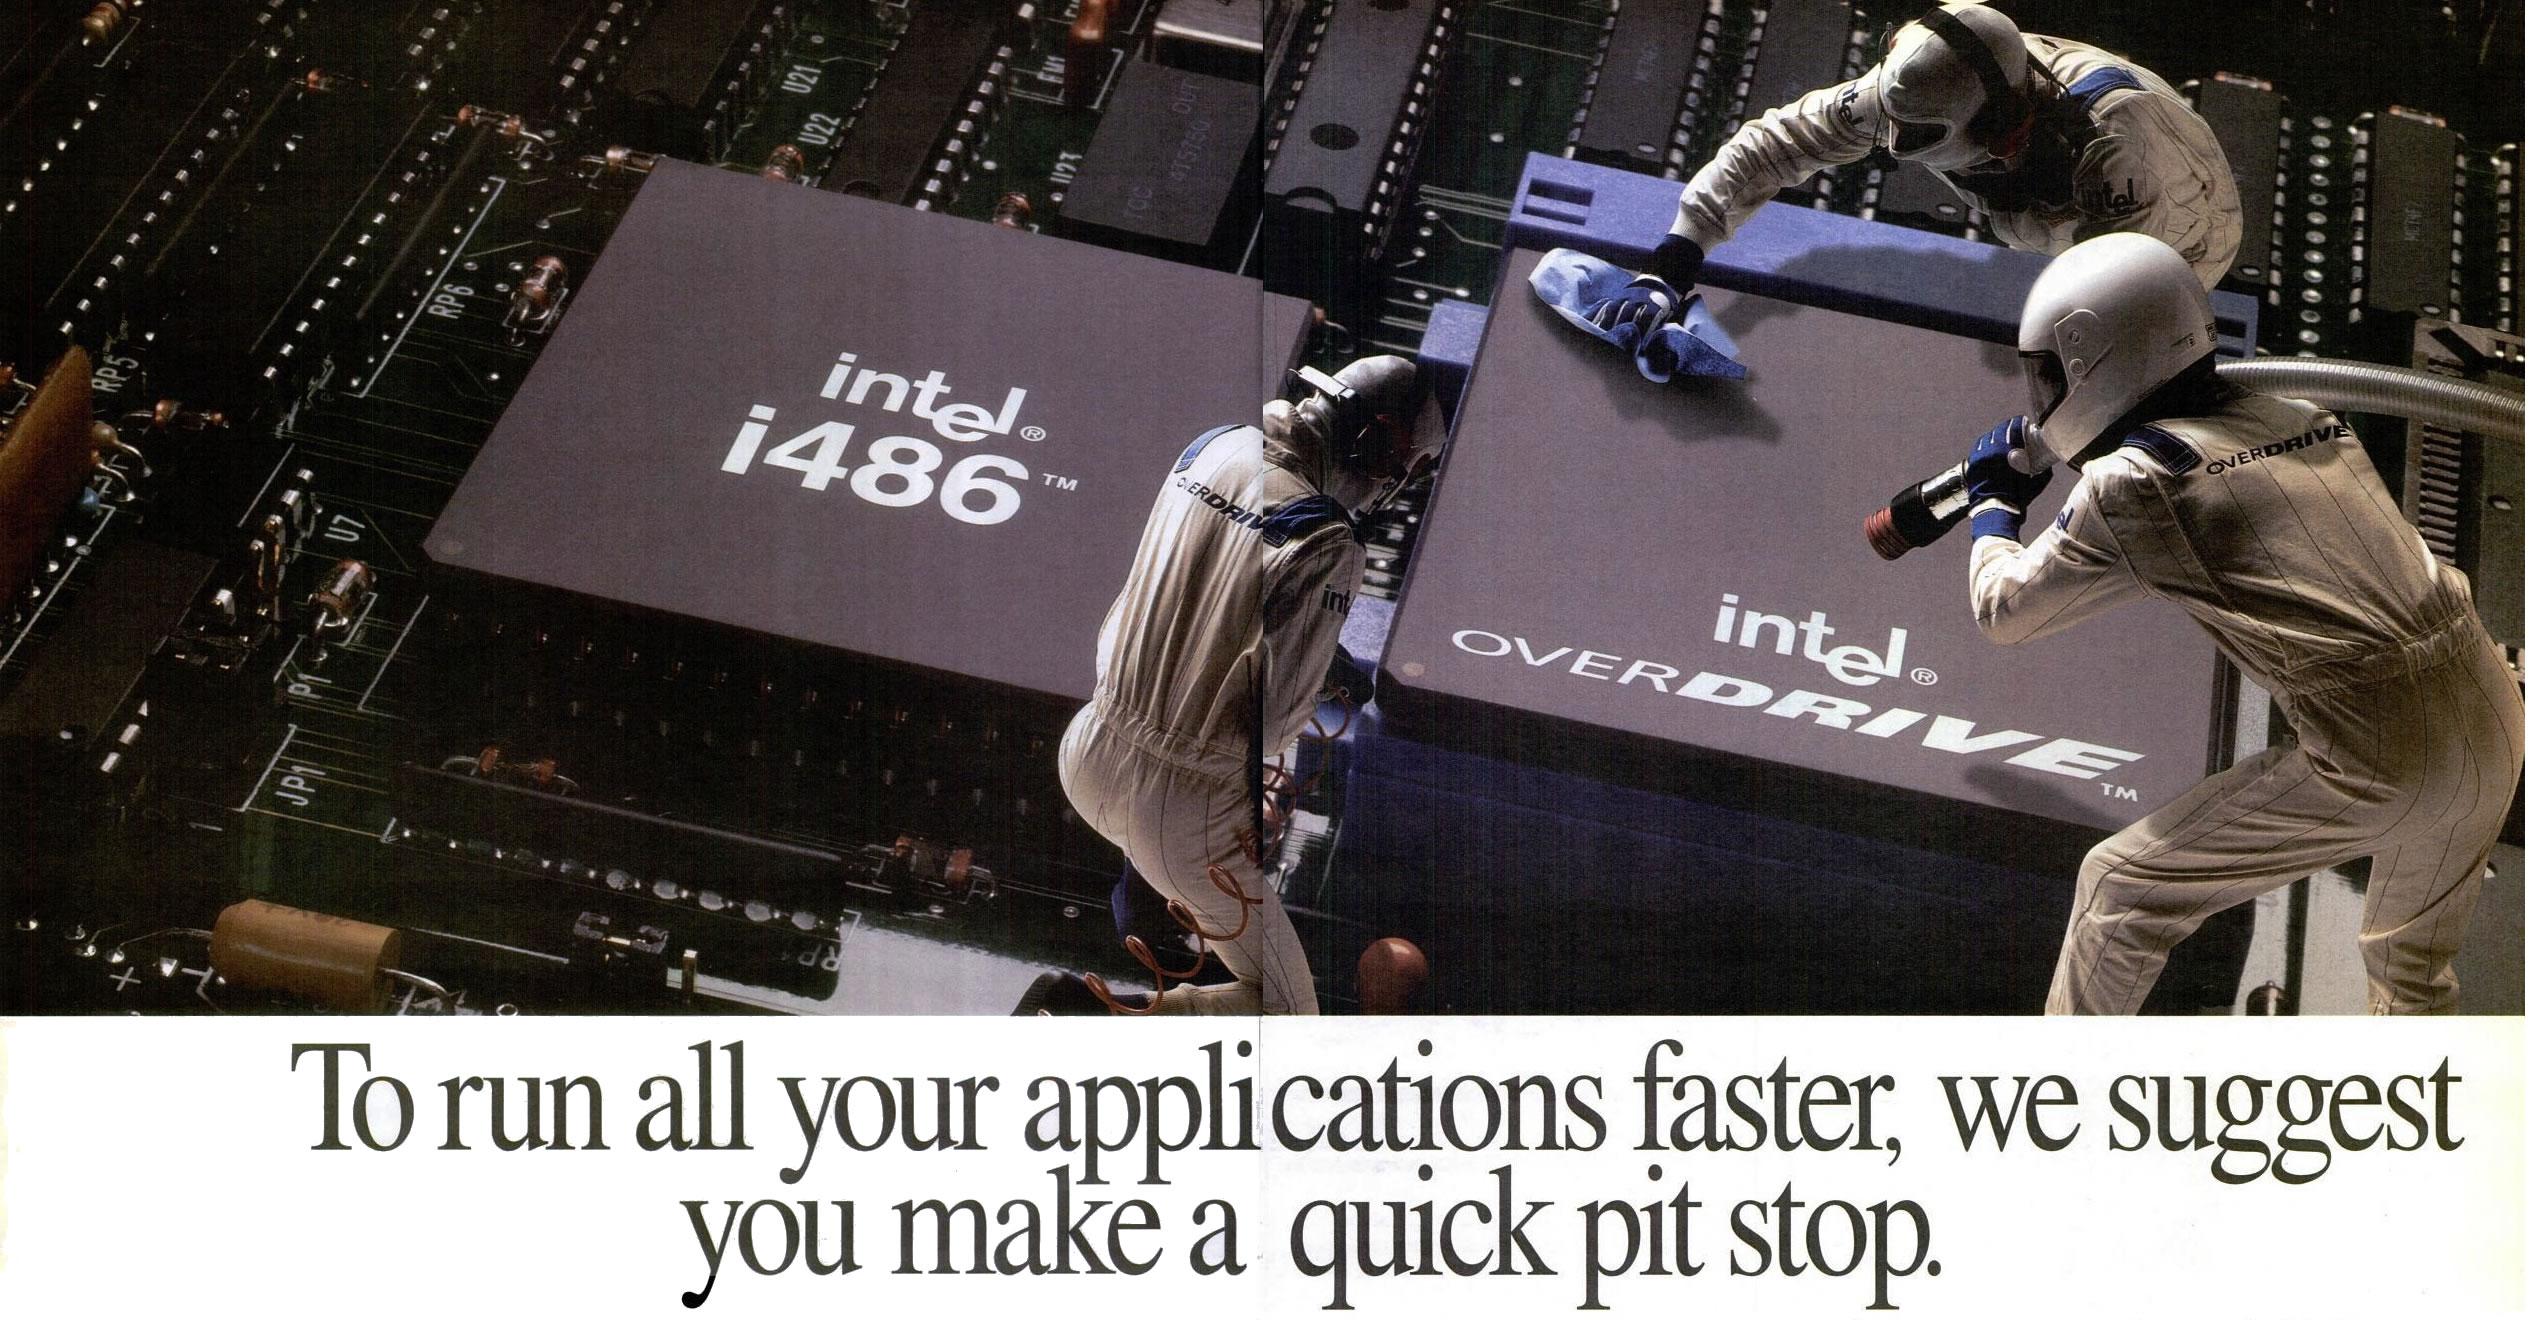 Publicidad del 486 Overdrive (algo así como los Pentium 4 Extreme).